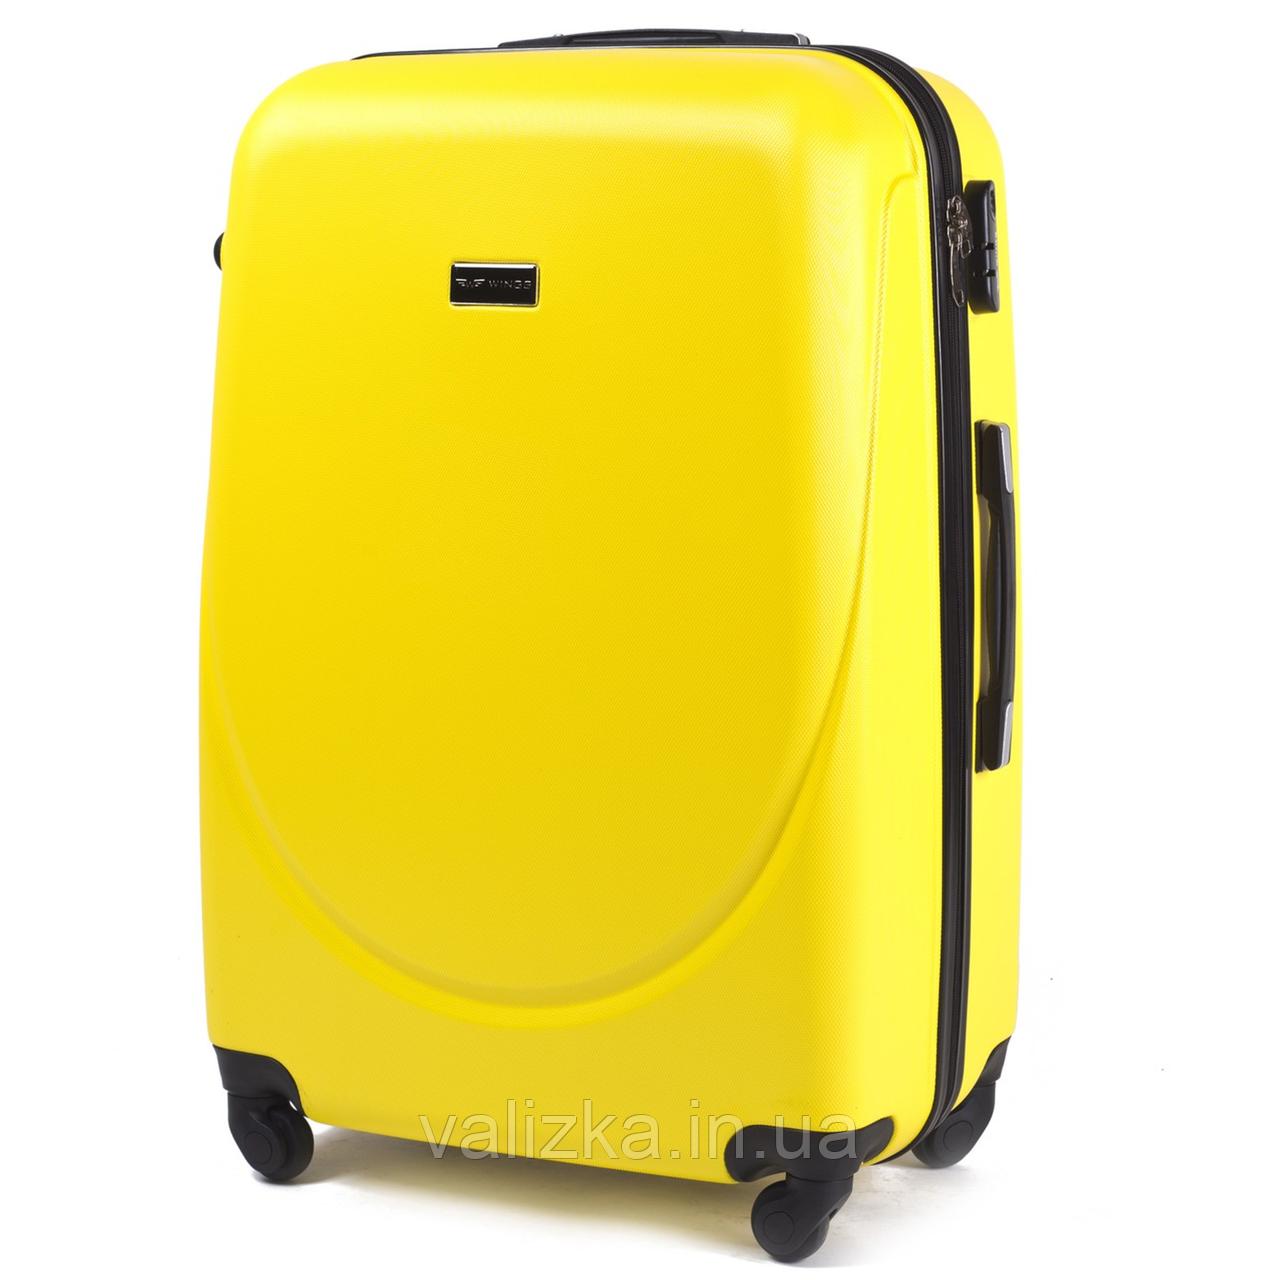 Большой пластиковый чемодан Wings 310  желтый